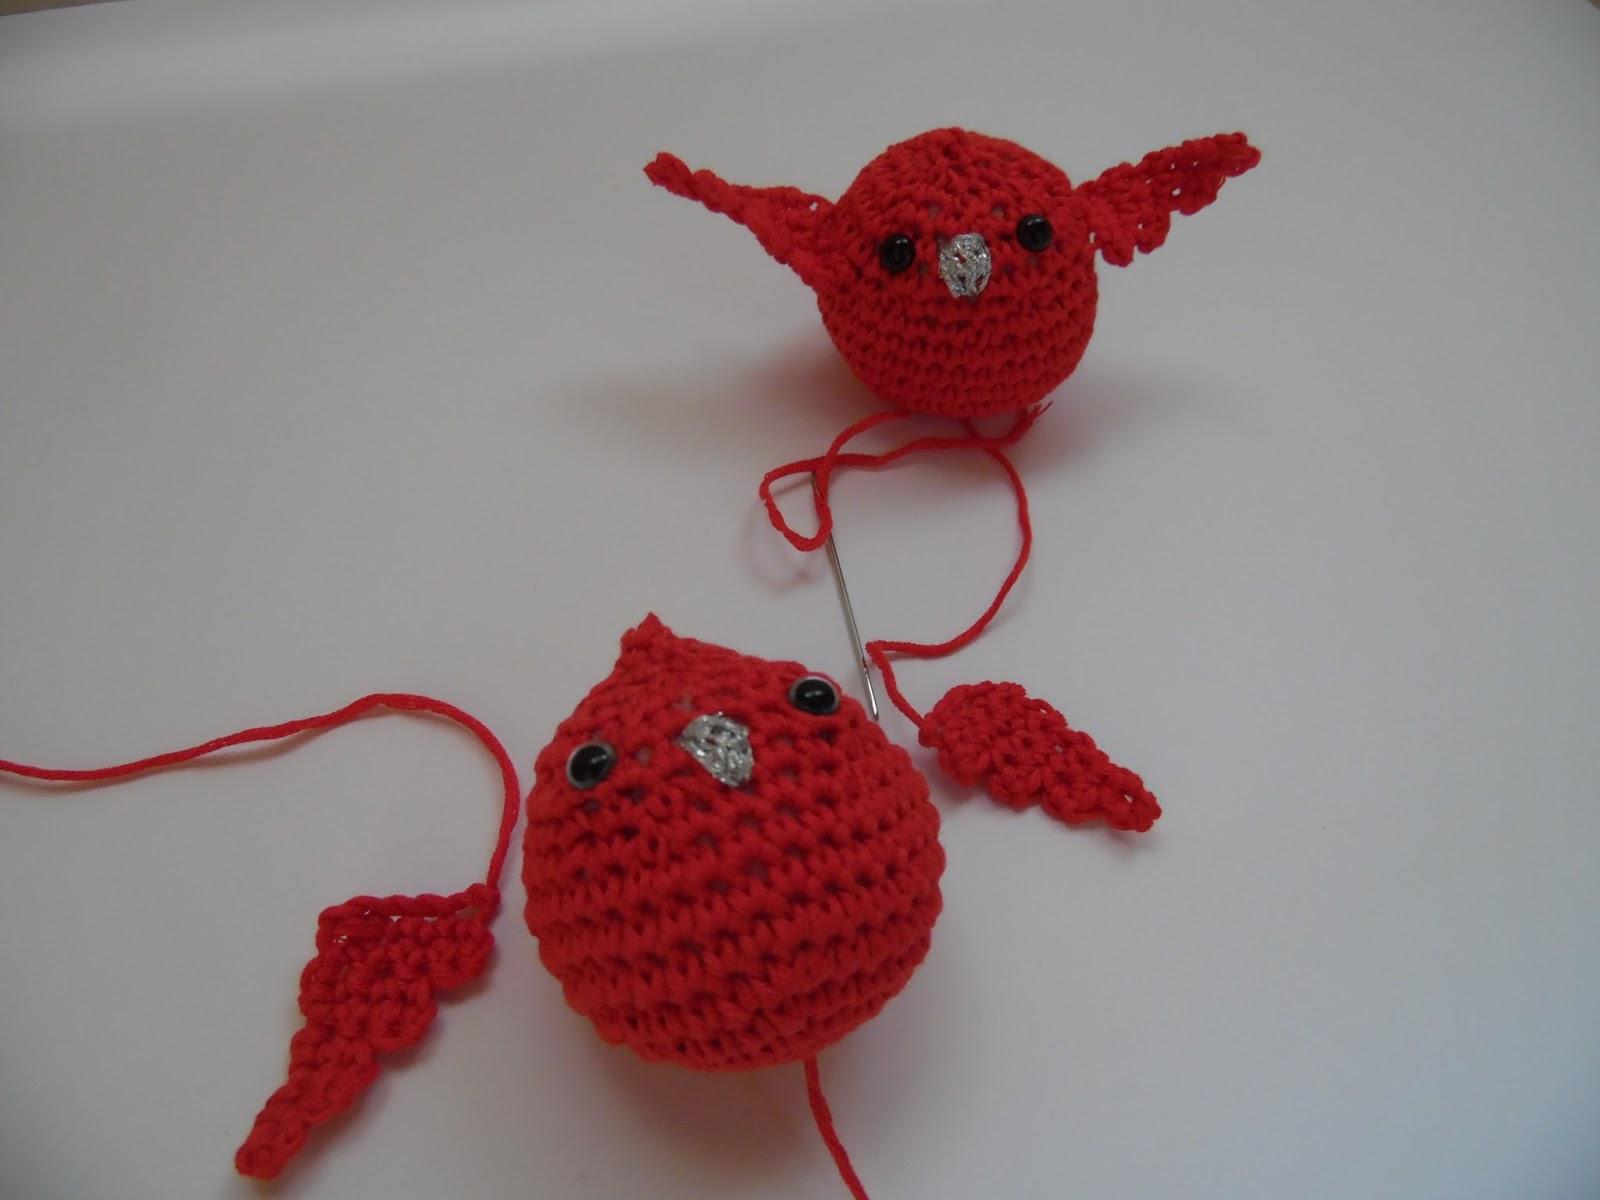 #7B161B Coton Et Gourmandises: Tuto Décoration De Noël : L'oiseau  7002 Deco De Noel Oiseau 1600x1200 px @ aertt.com